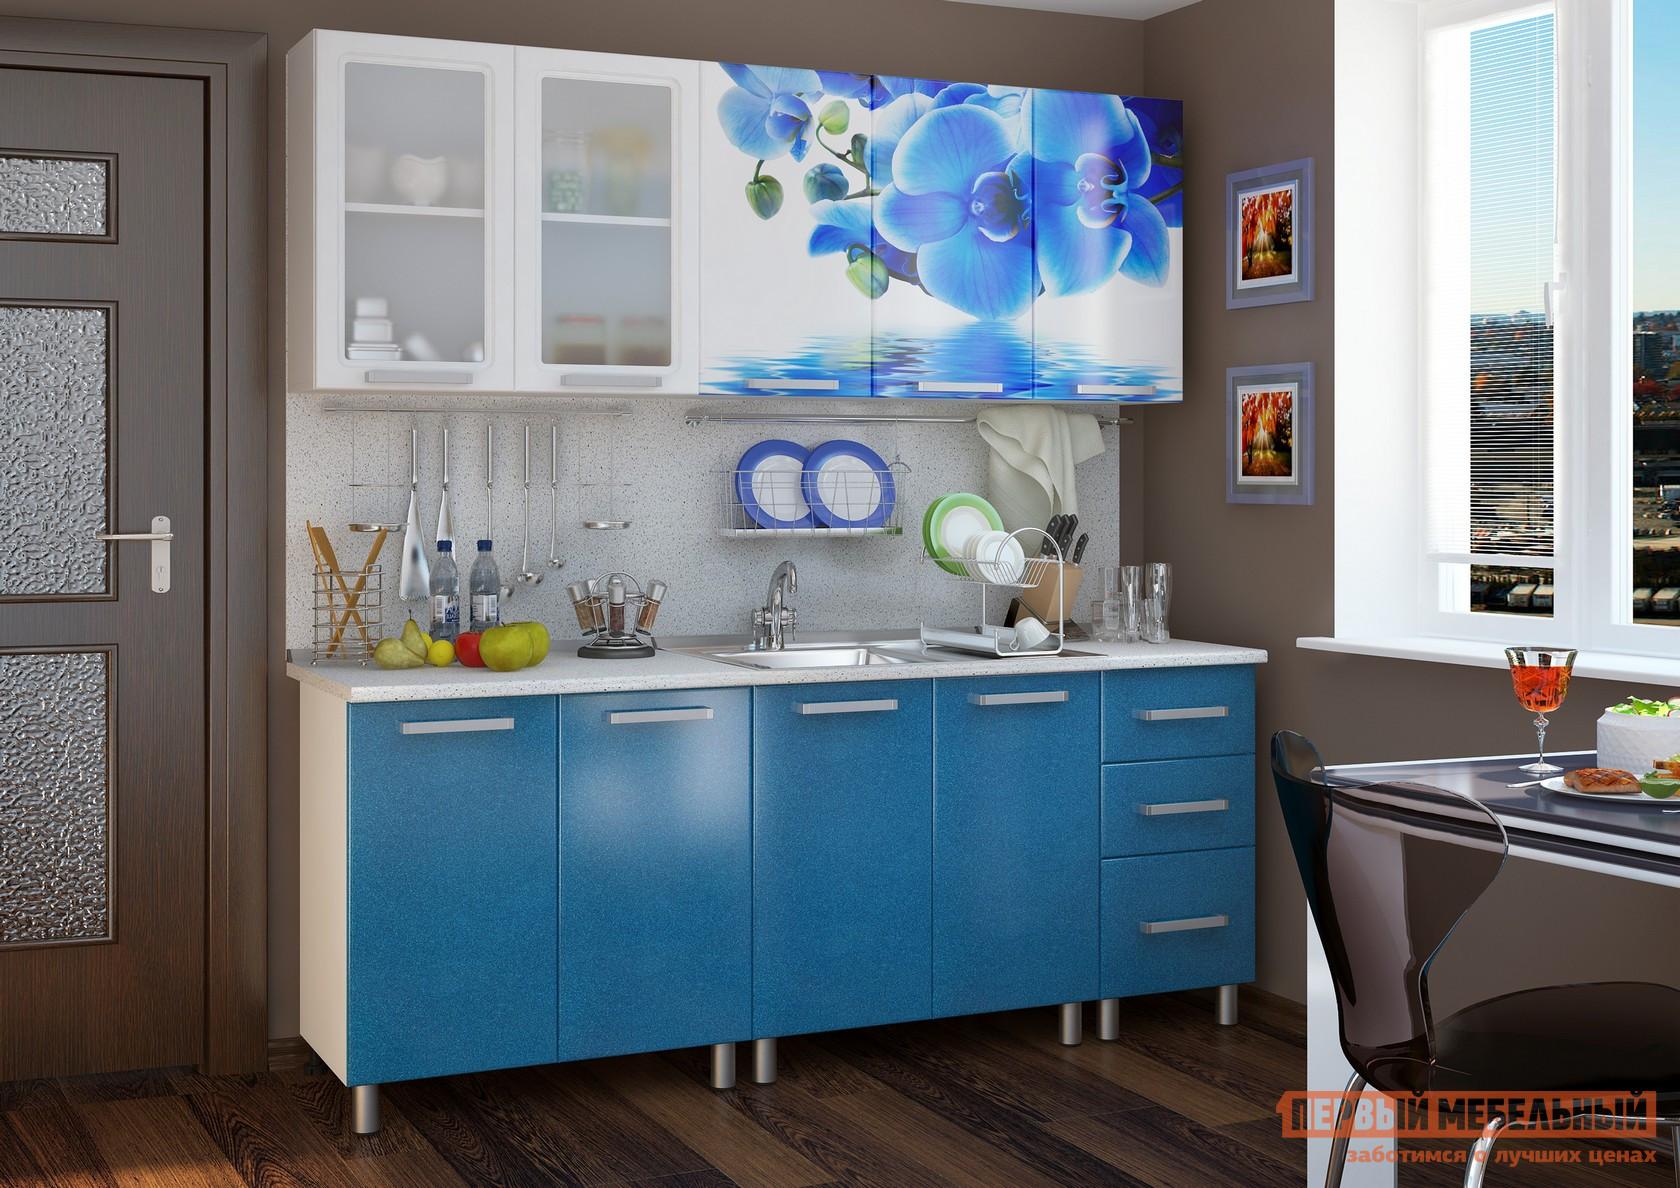 Кухонный гарнитур Первый Мебельный Лазурь 200 см кухонный гарнитур трия фэнтези 150 см